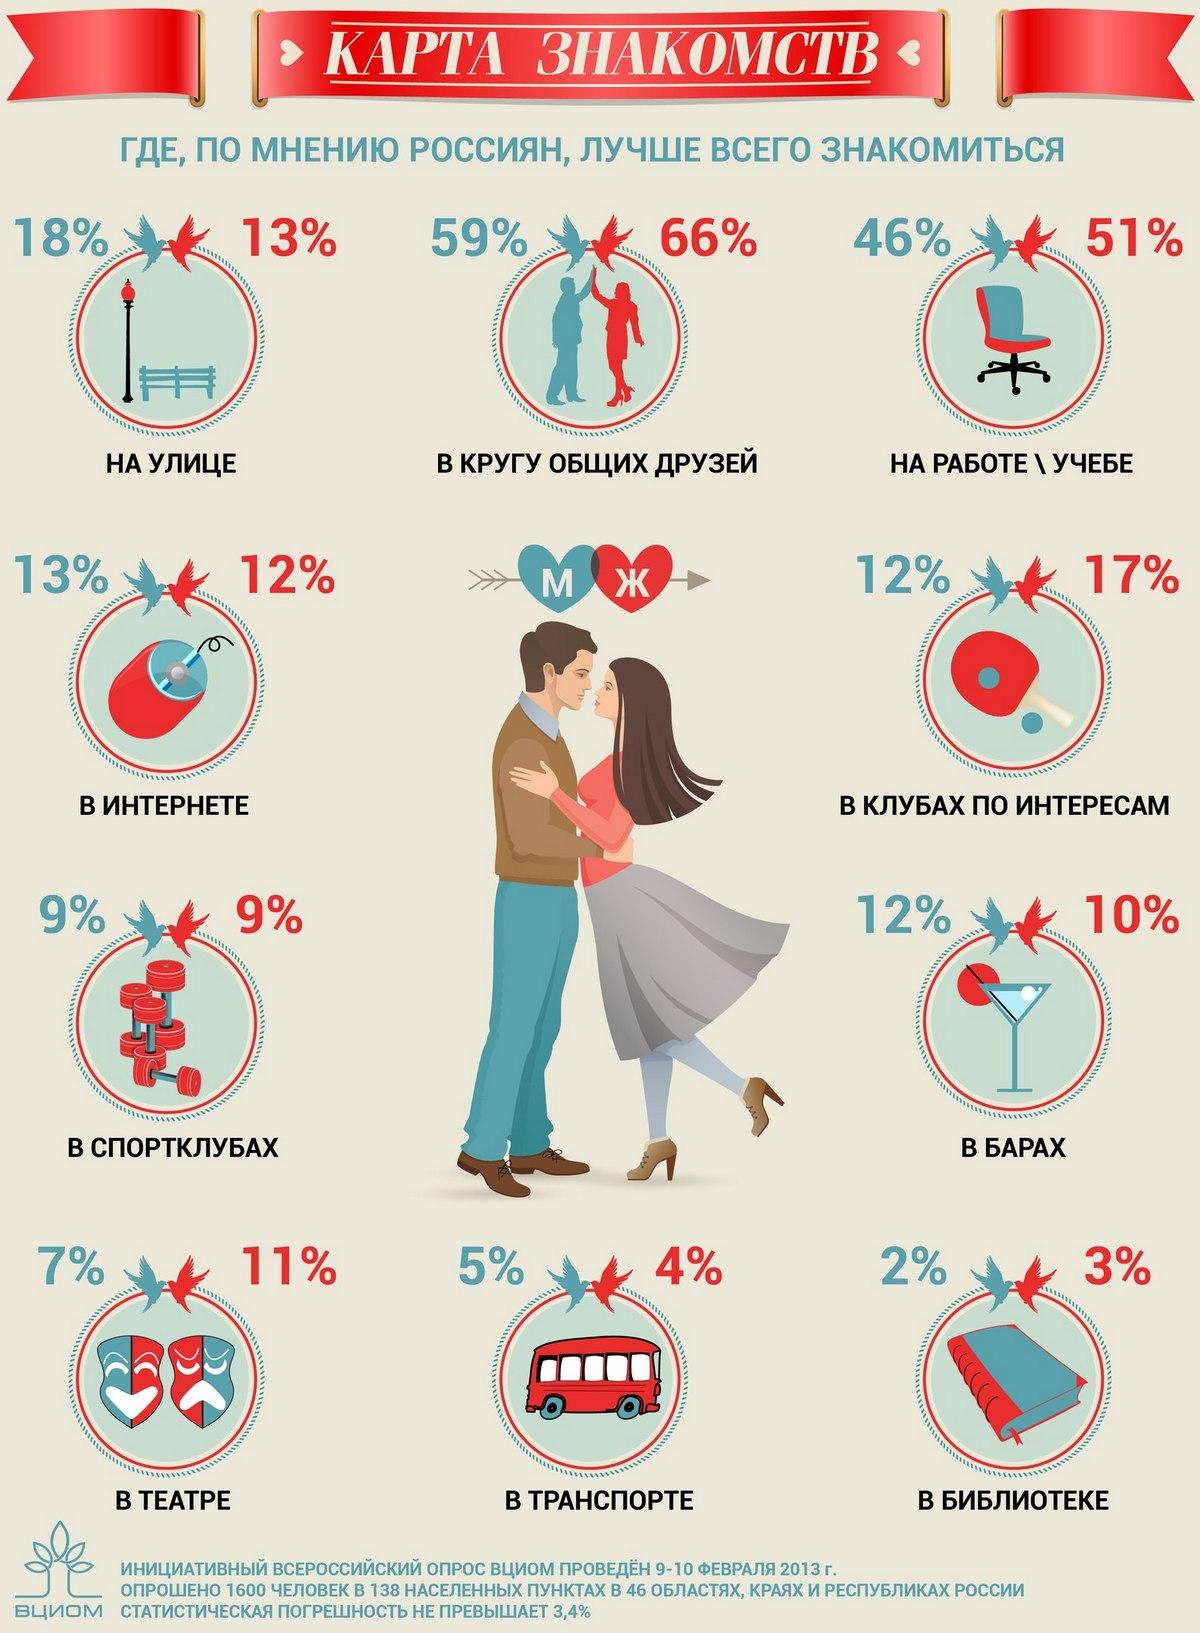 Схема знакомства для